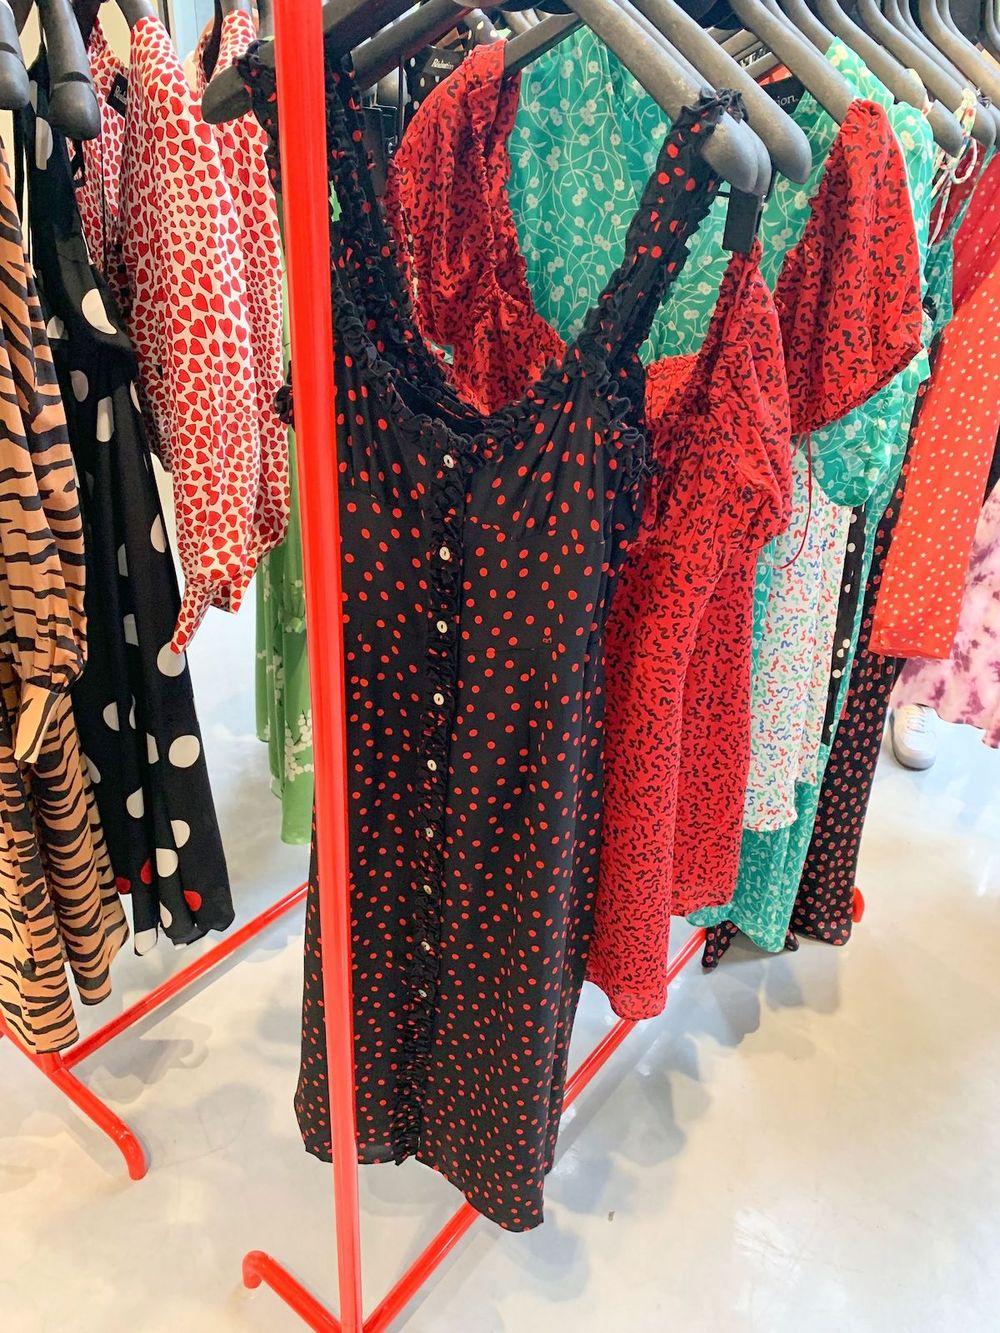 Realisation Par dresses at Galeries Lafayette Champs Elysées